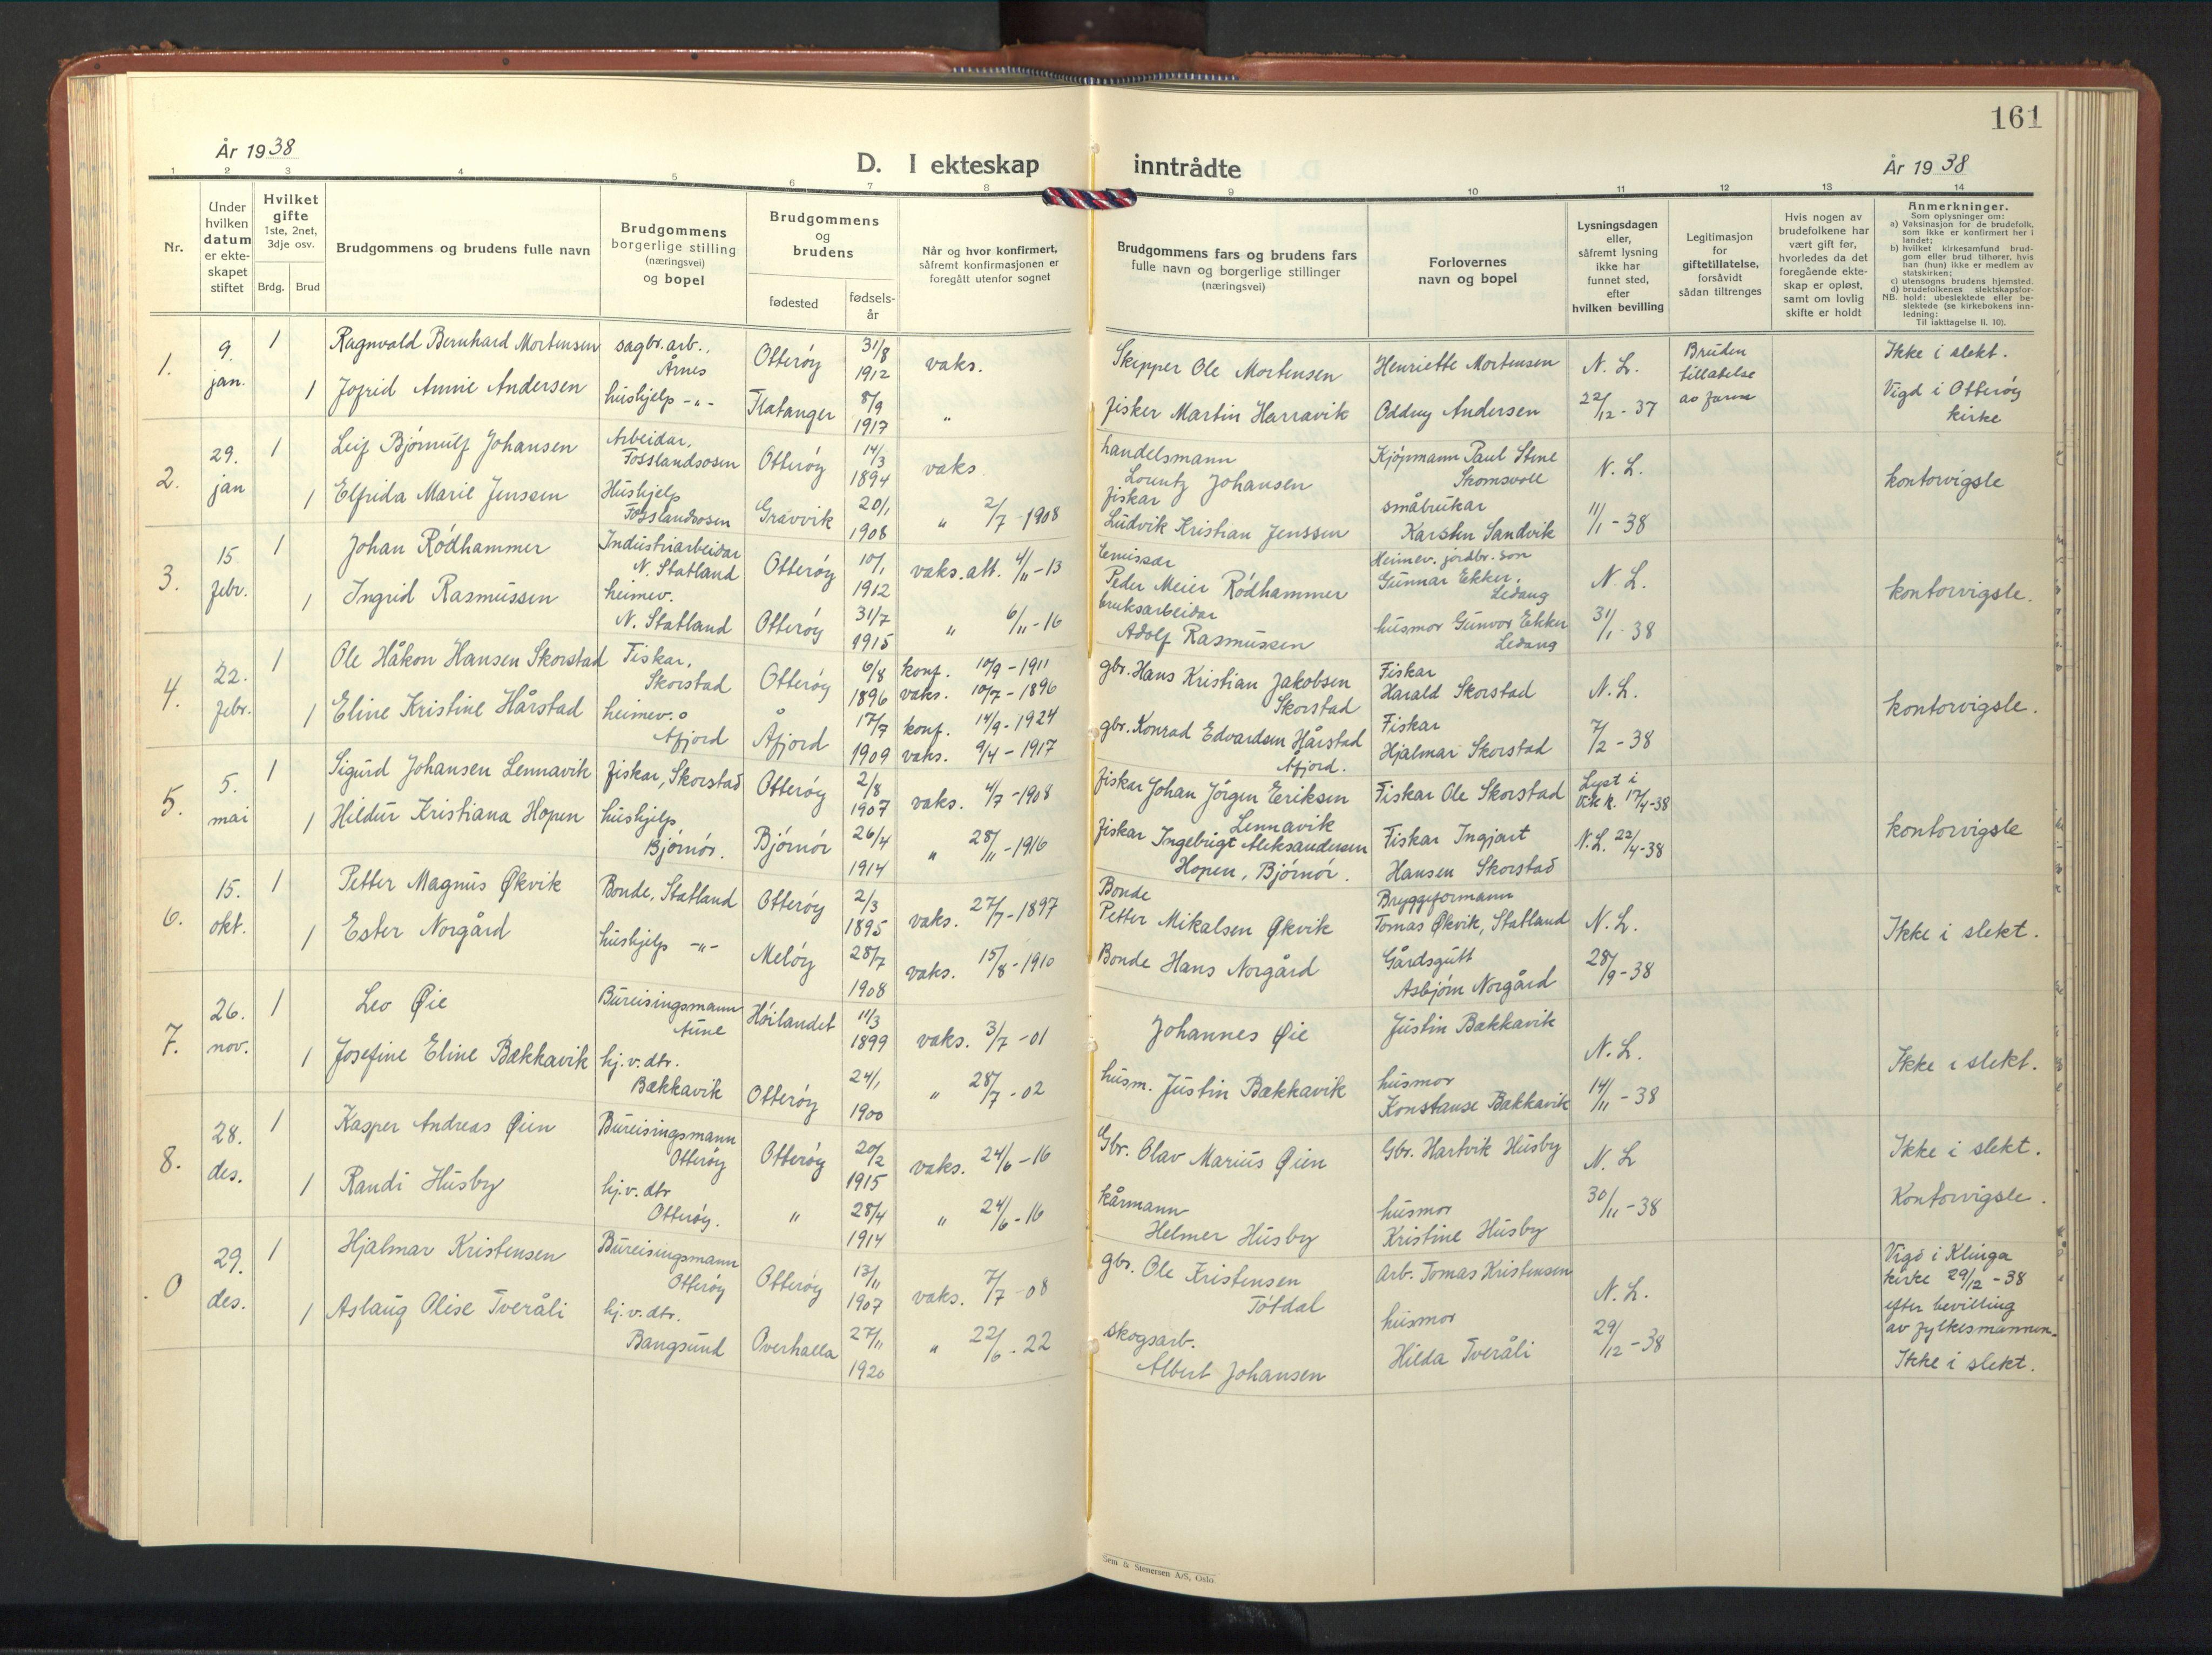 SAT, Ministerialprotokoller, klokkerbøker og fødselsregistre - Nord-Trøndelag, 774/L0631: Klokkerbok nr. 774C02, 1934-1950, s. 161